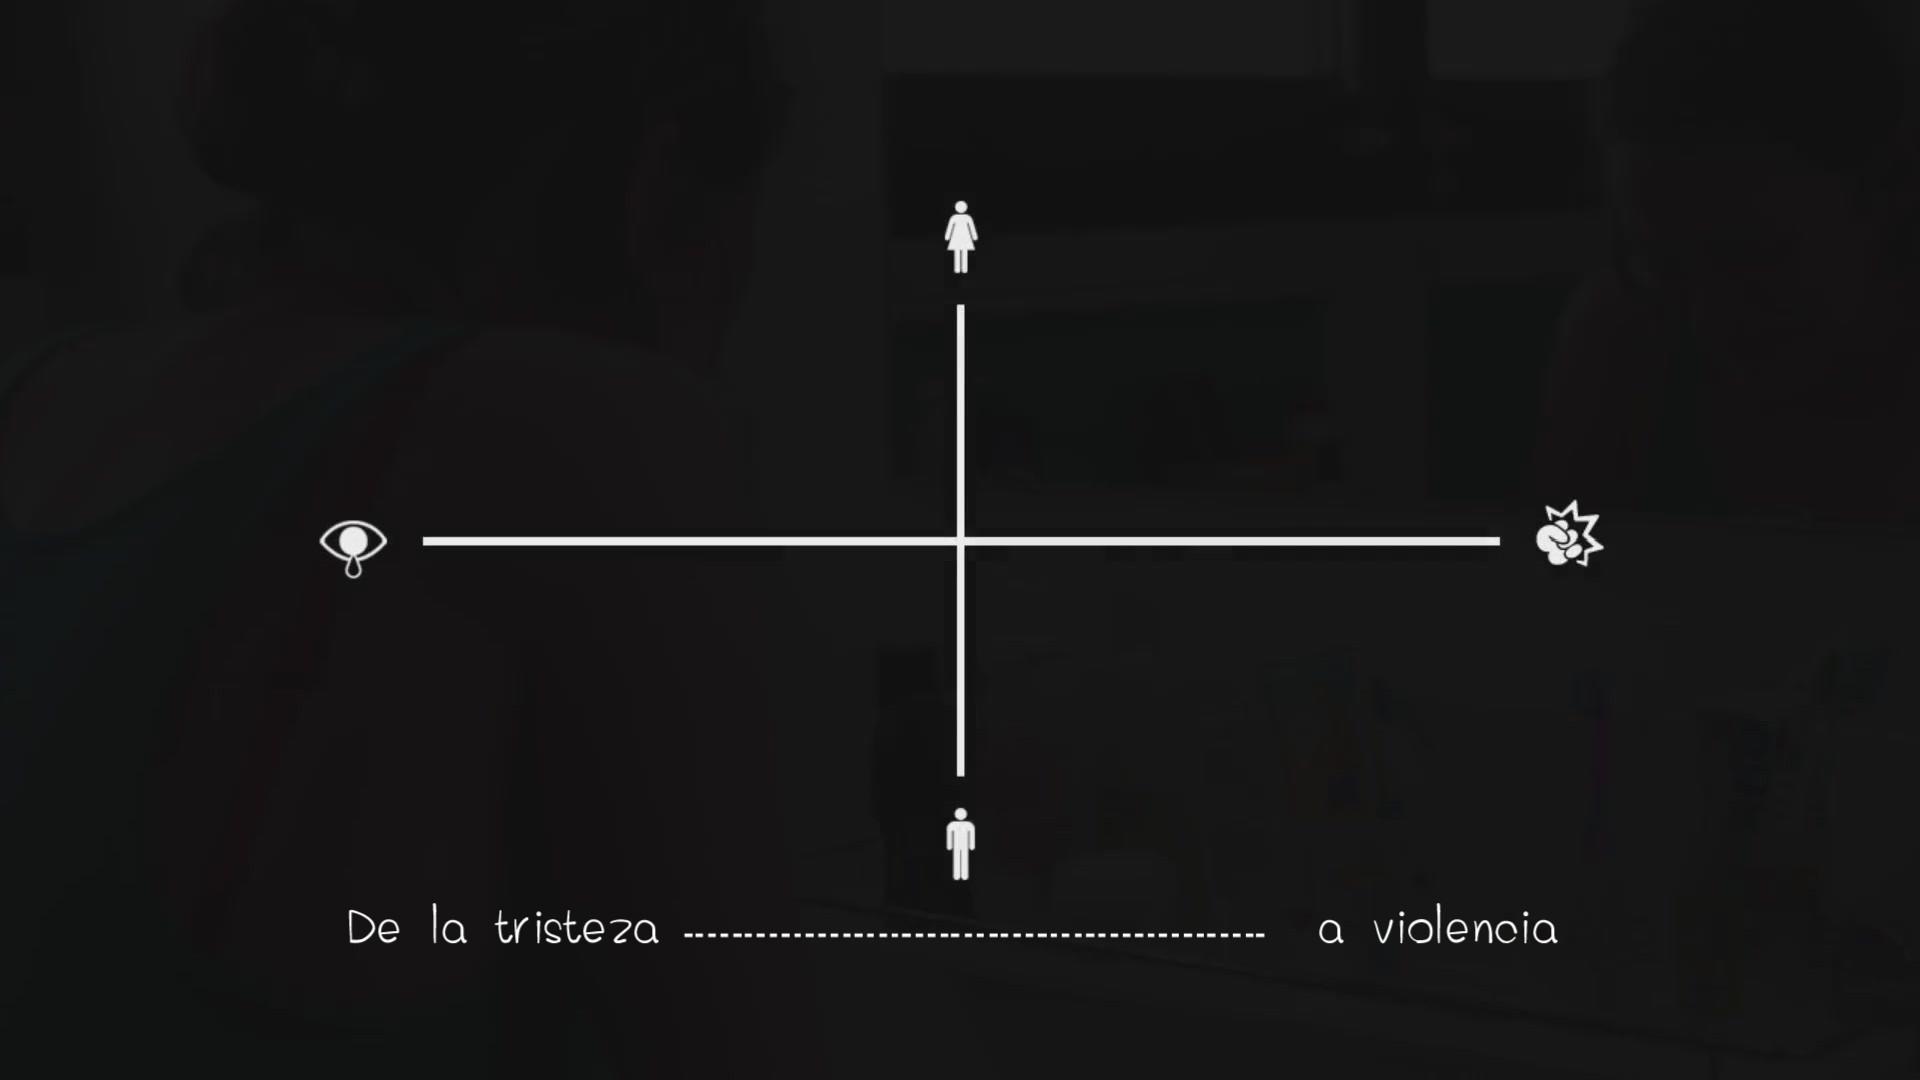 mujer-y-hombre-frente-al-espejo-de-la-tristeza-a-la-violencia